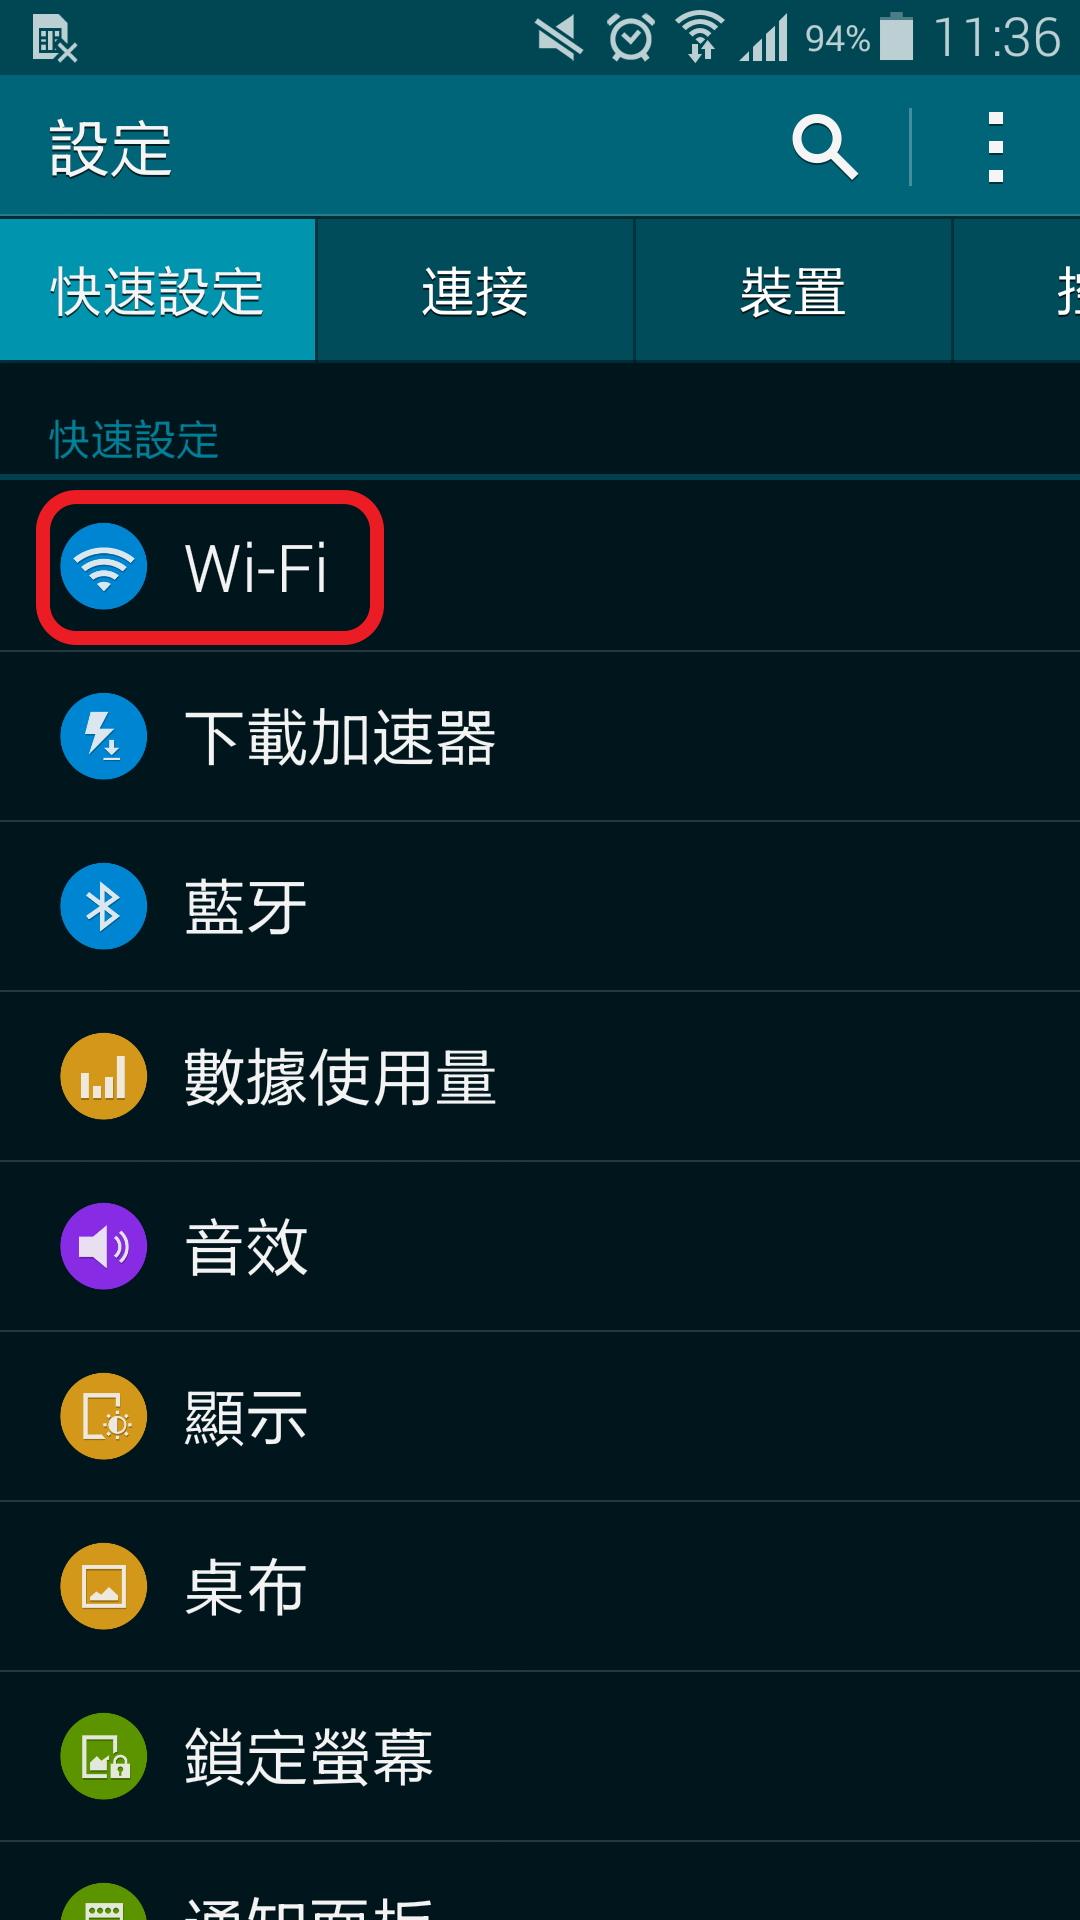 S5 的 WIFI 智慧網路切換是甚麼? 該如何設定?